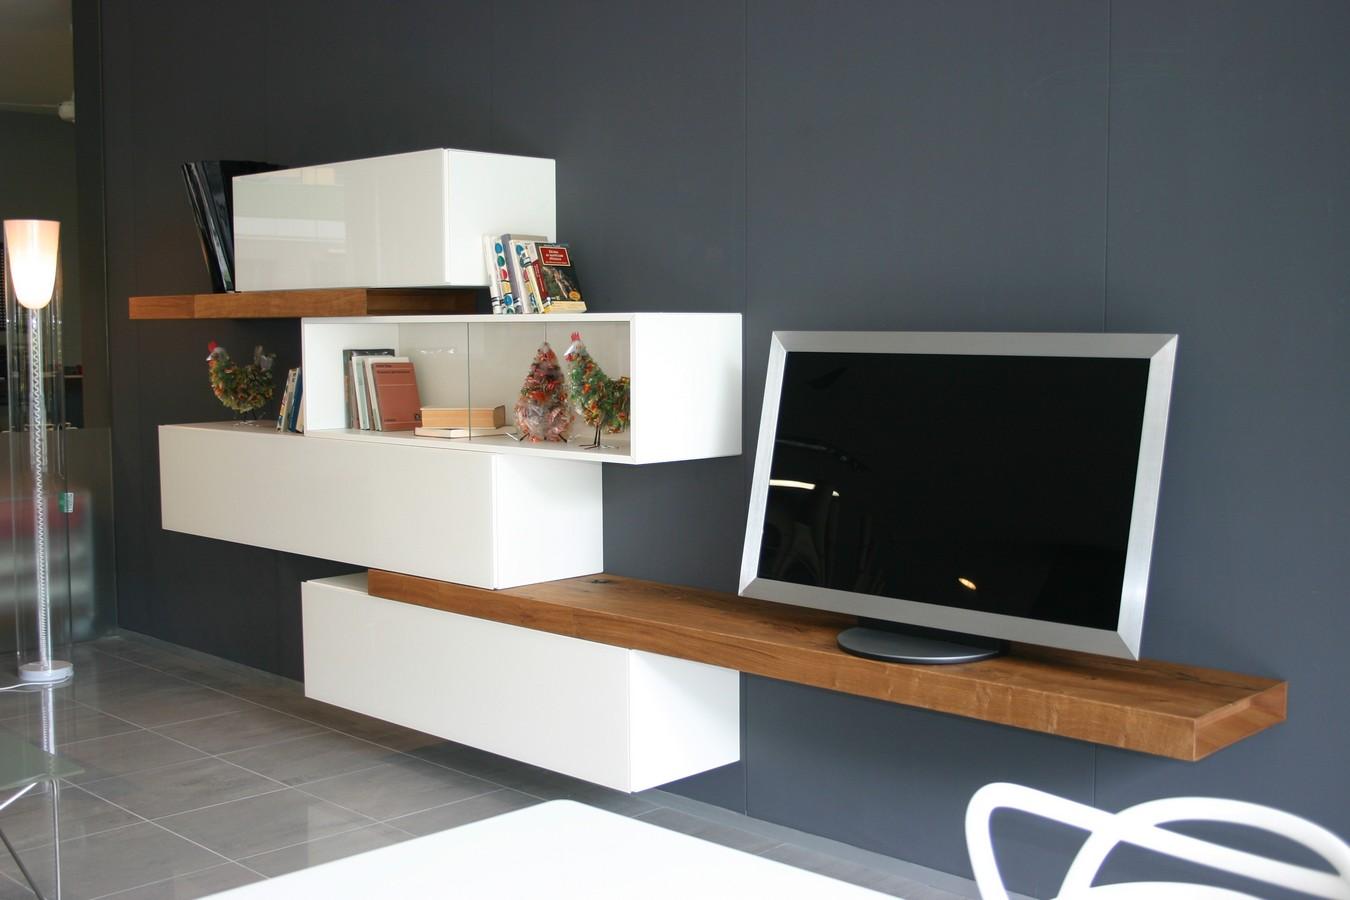 Soggiorni e salotti moderni arredo per la tua casa for Foto mobili soggiorno moderni